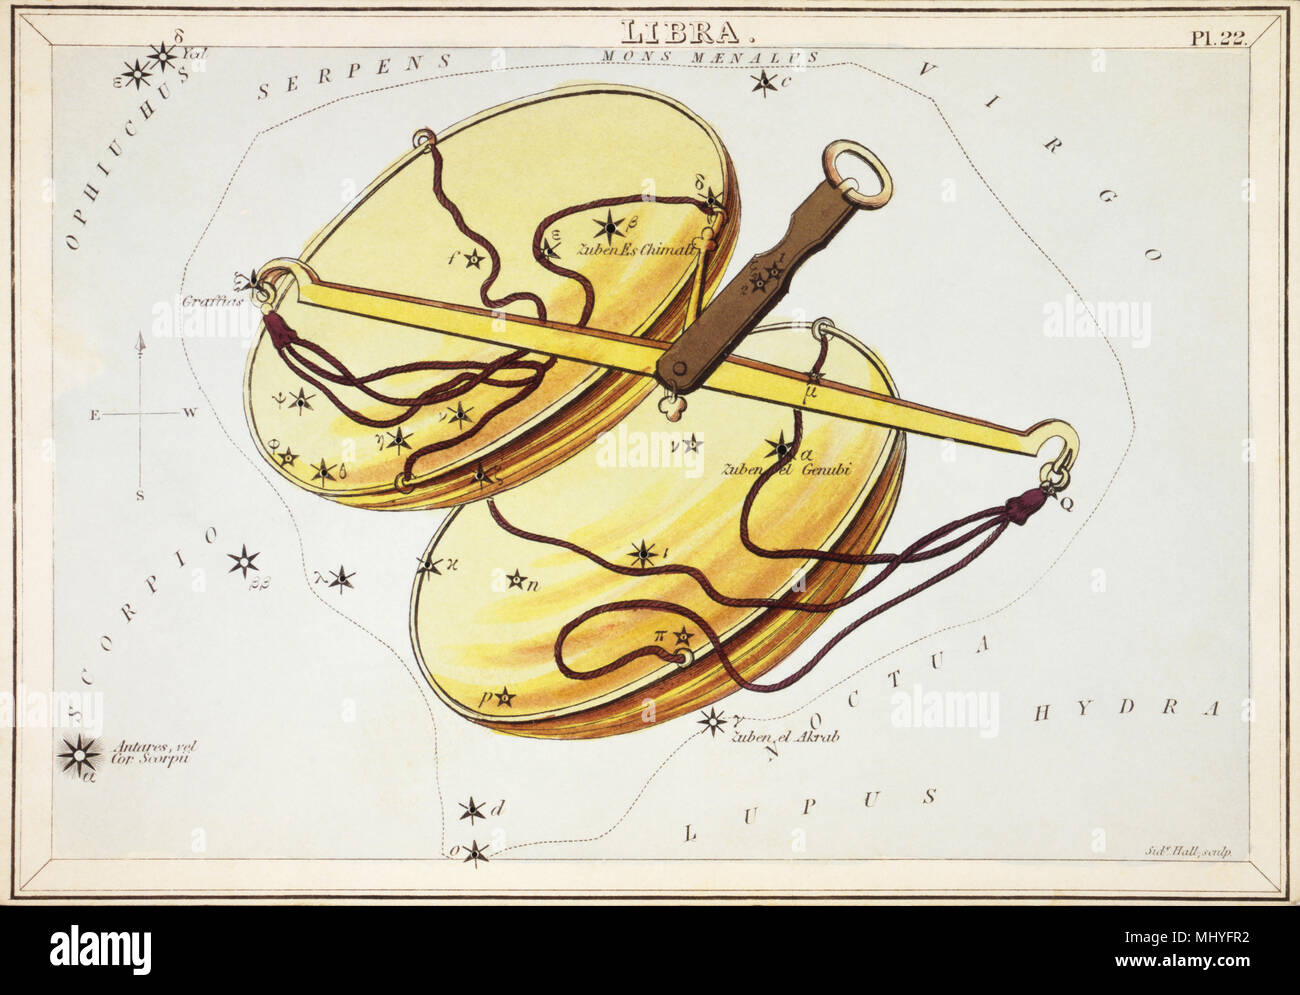 Libra. Numero di carta di credito 22 dallo specchio di Urania, o una vista del cielo, uno di una serie di 32 stelle astronomico schede grafico incisi da Sidney Hall e publshed 1824. Immagini Stock